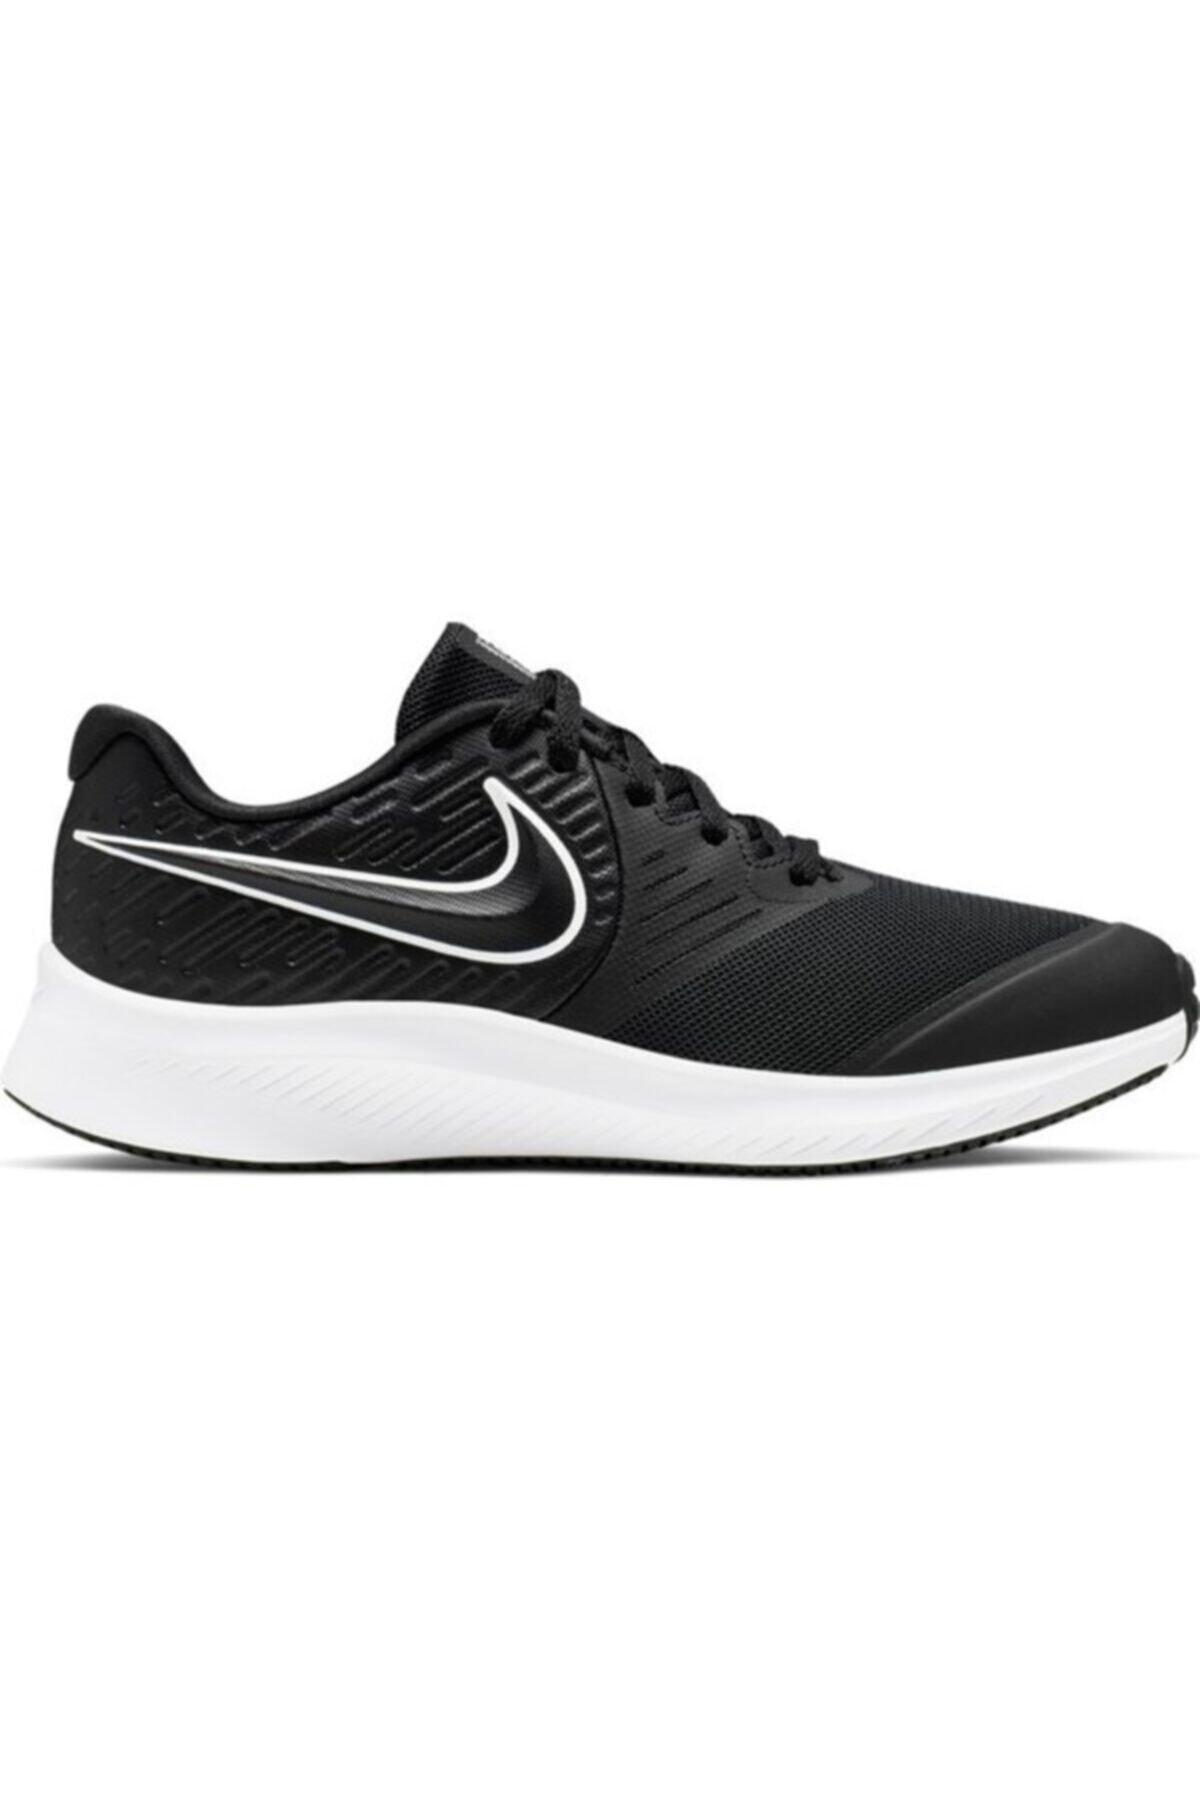 Nike Star Runner Kadın Koşu Ayakkabısı Aq3542-001 2